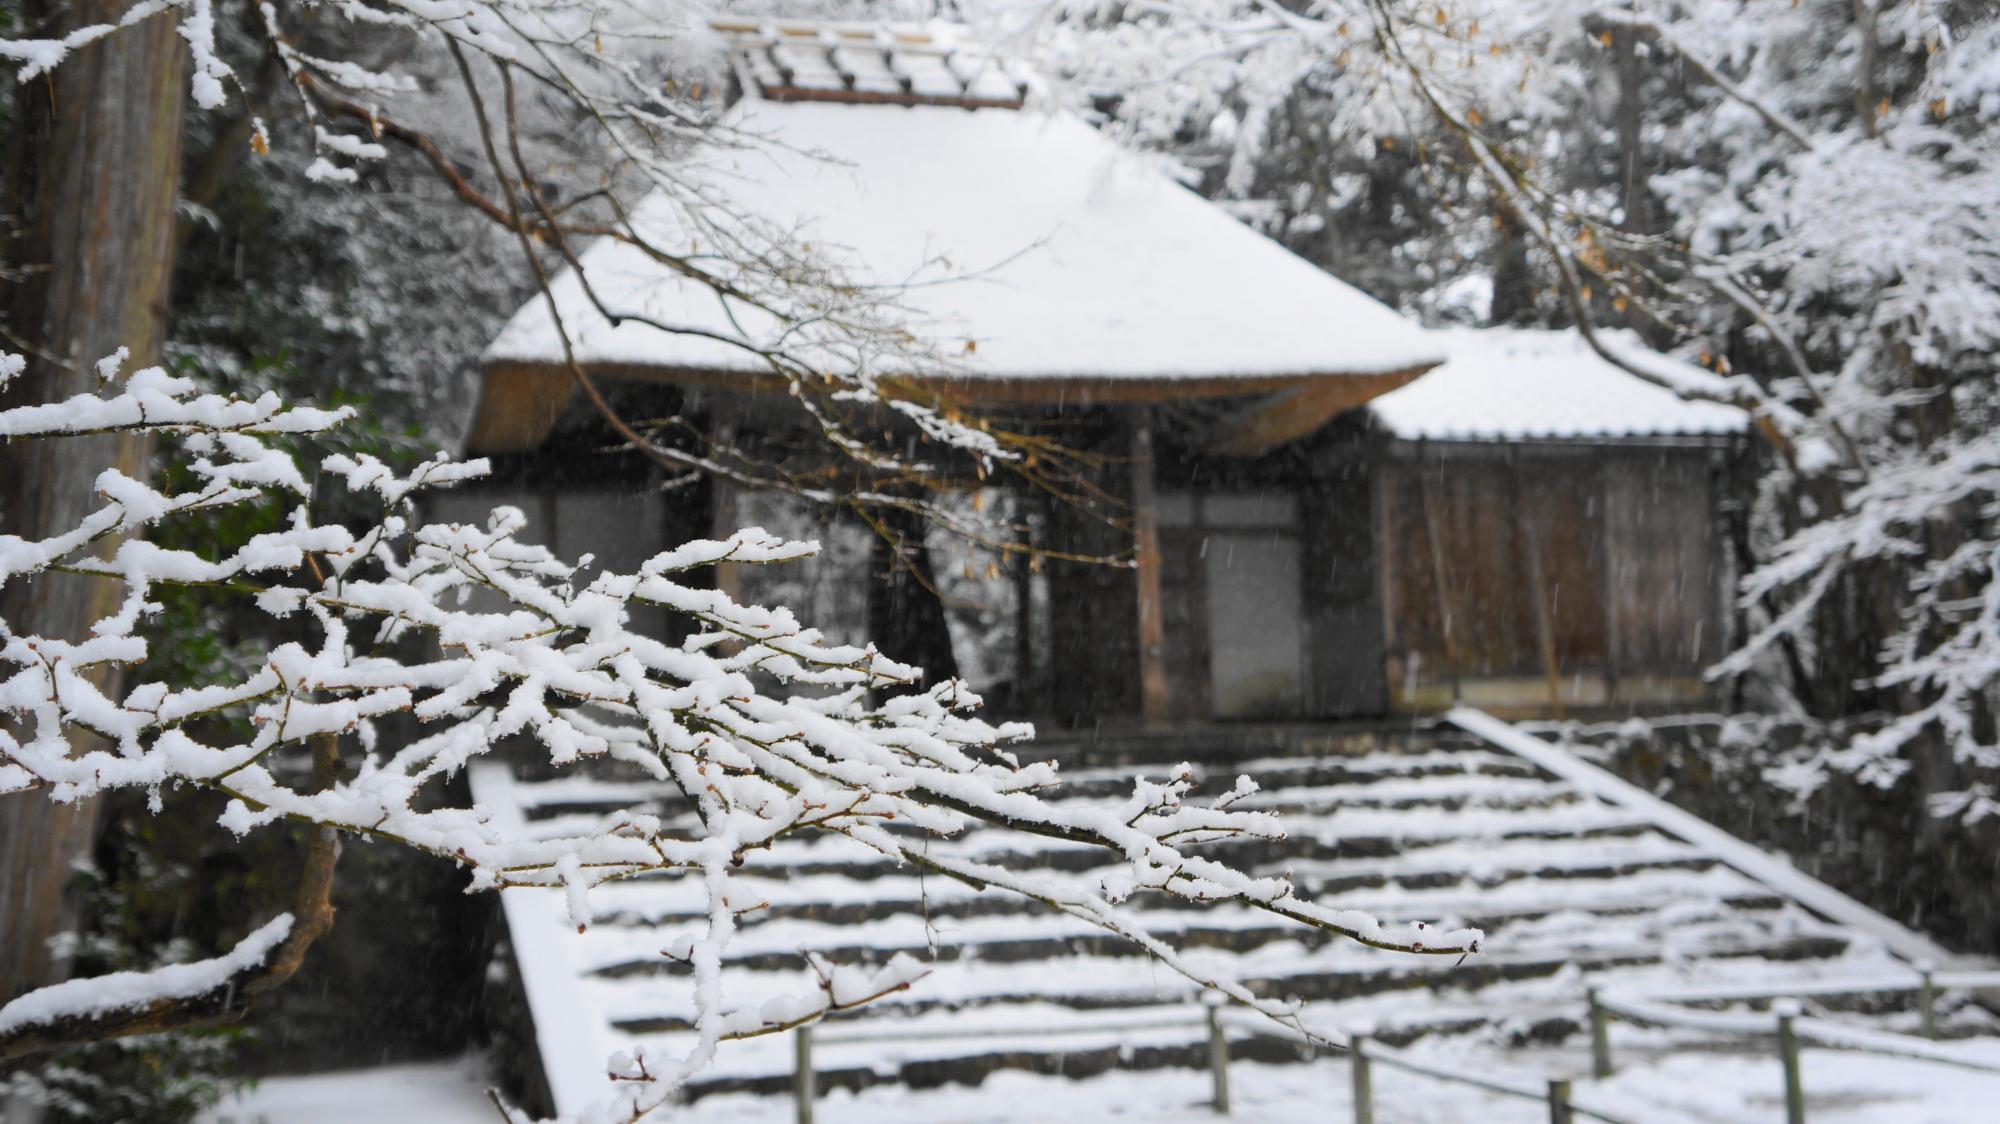 枝先まで雪が積もった木